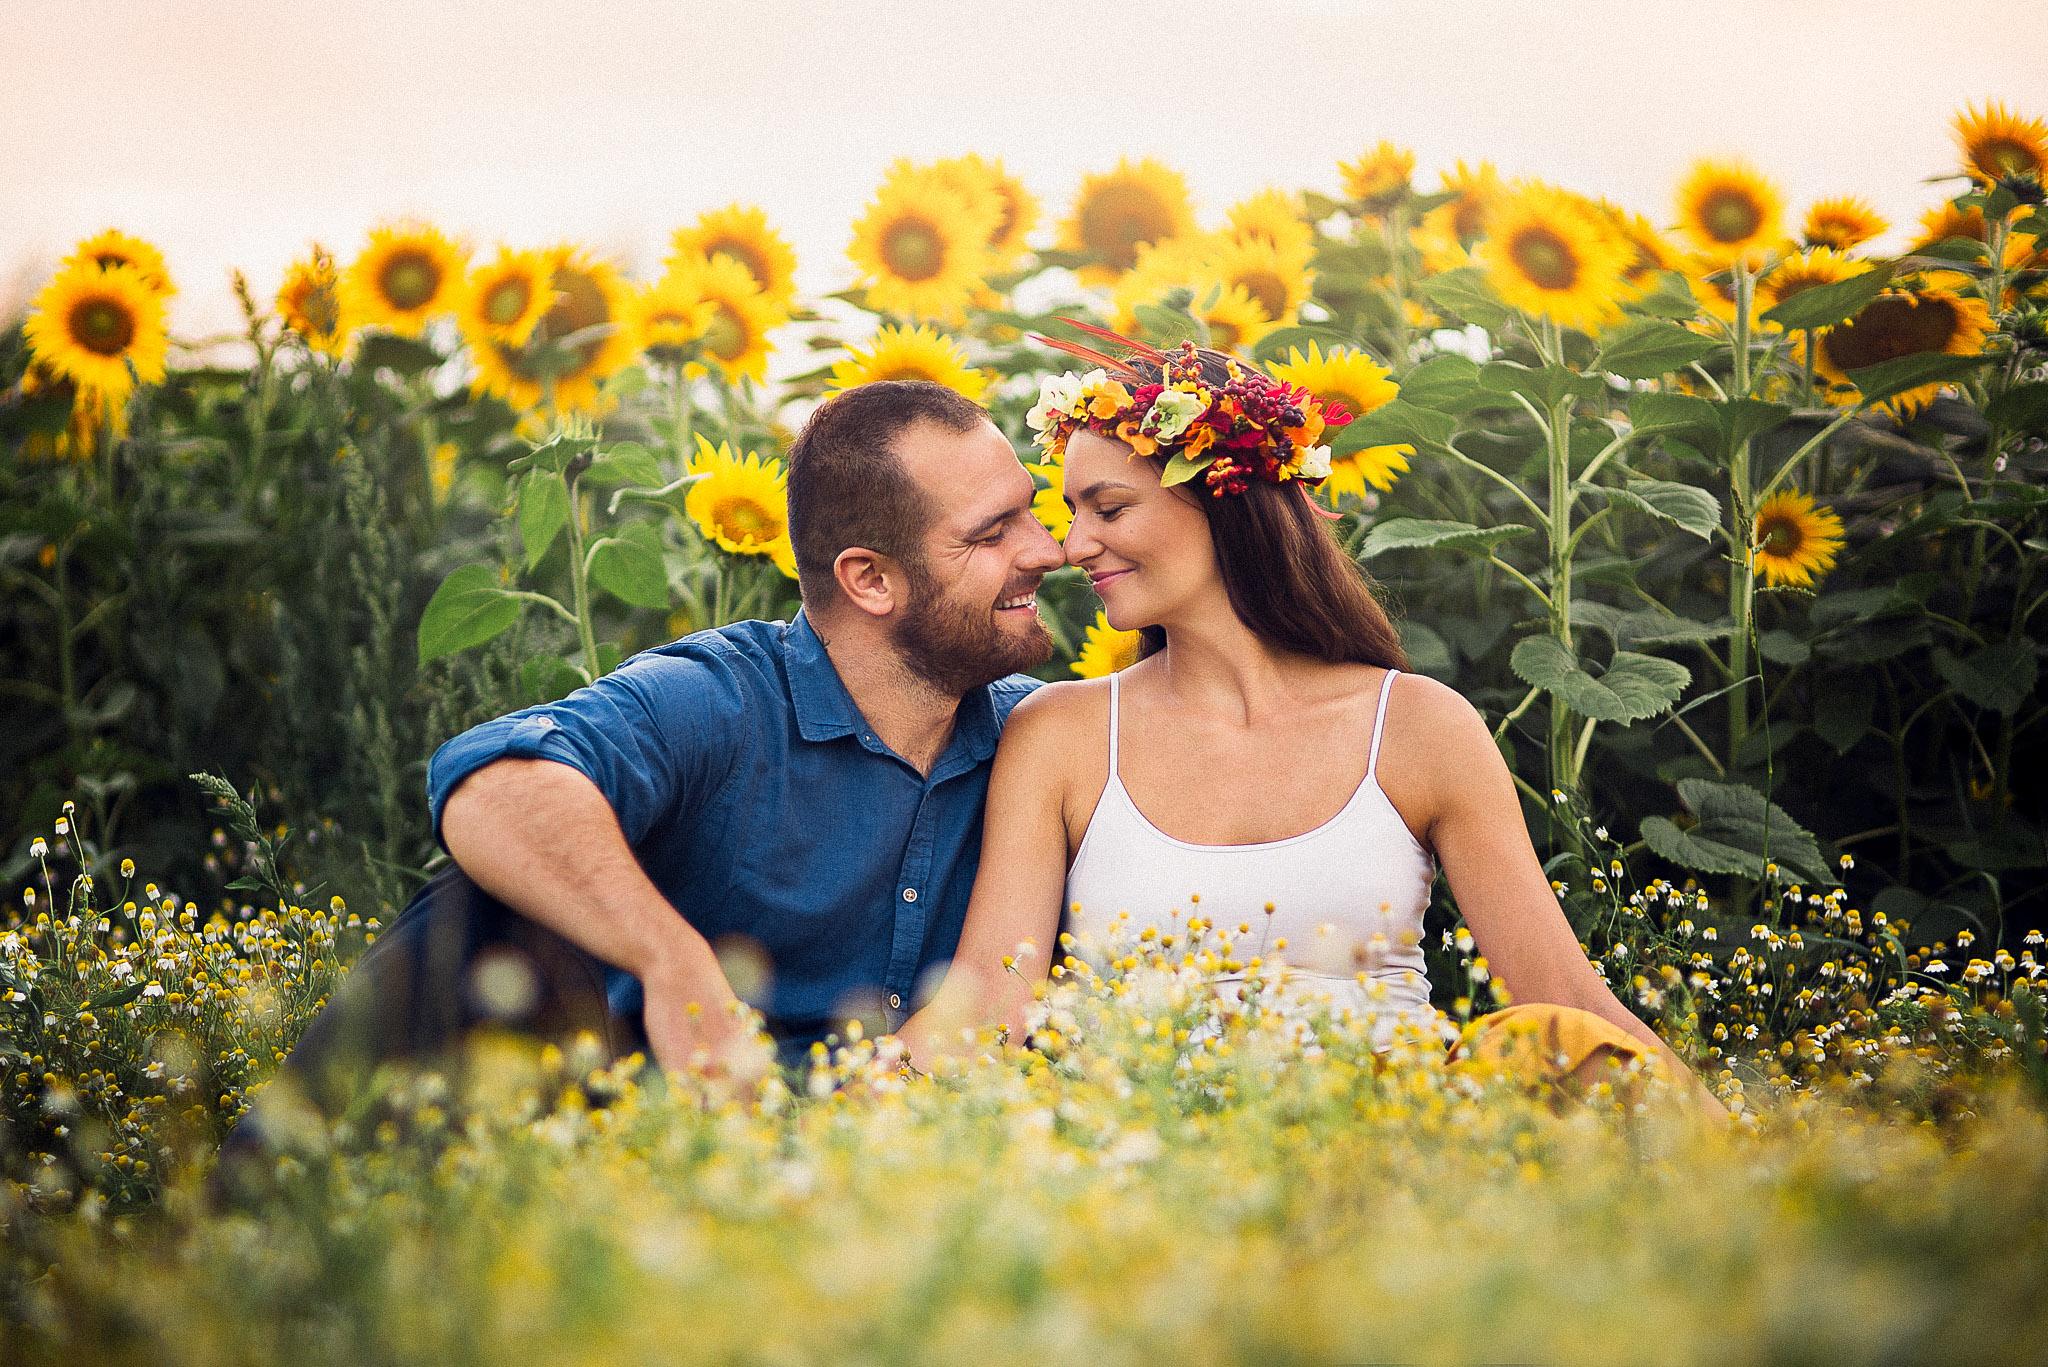 pár, láska, kvety, slnečnice, kamilky, jar